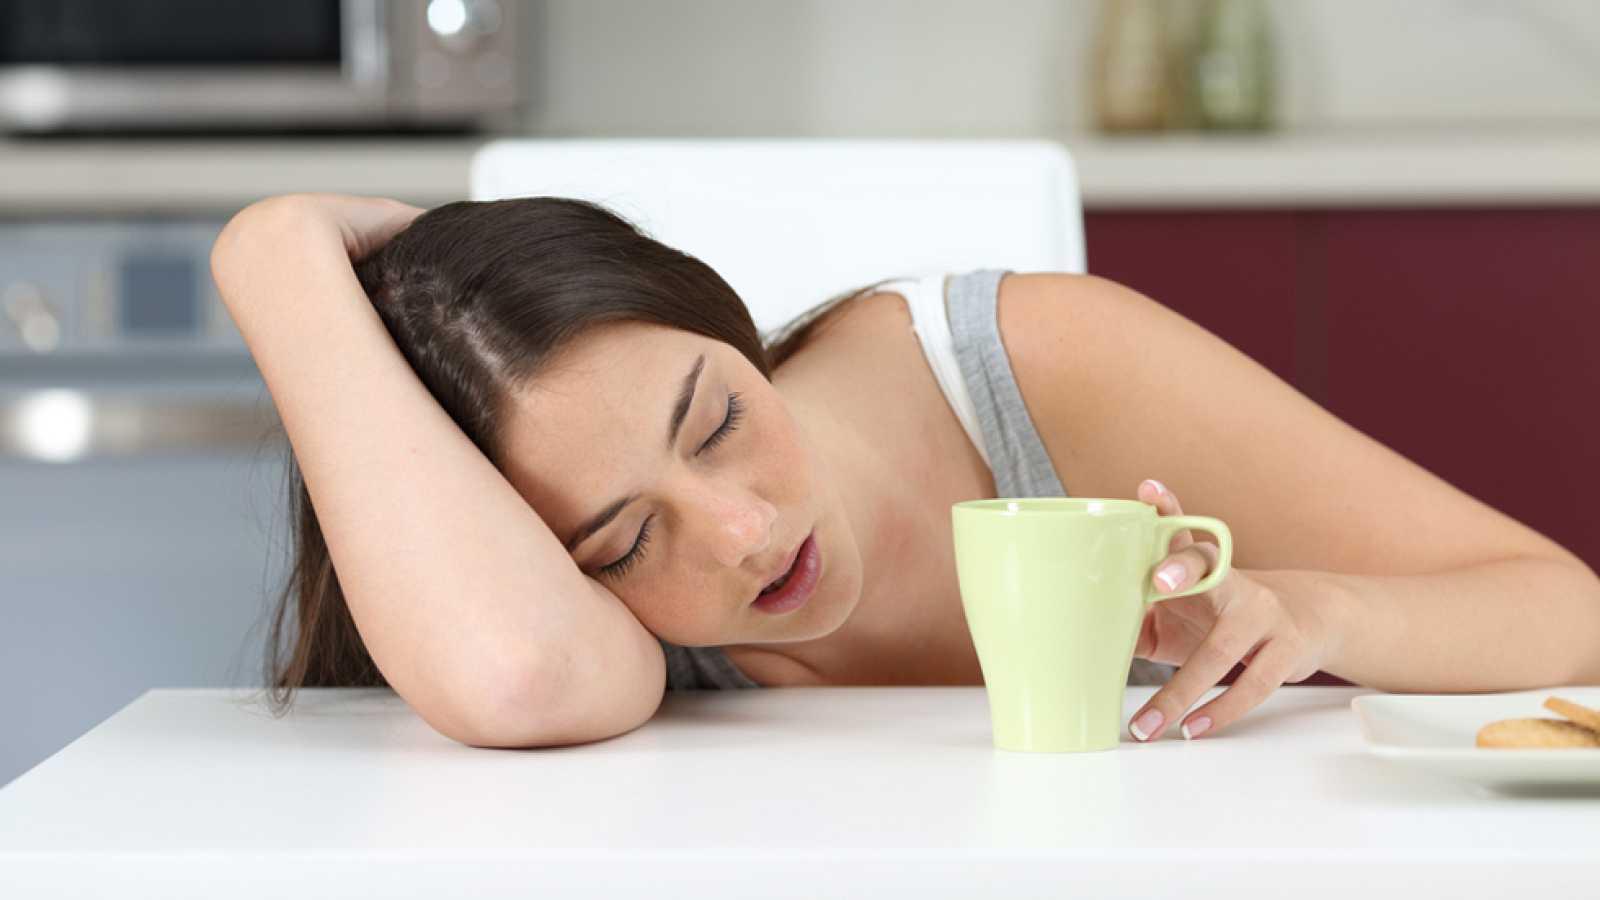 Casi la mitad de la población adulta española tiene dificultades para dormir. Y tres de cada diez sufrirá alguna patología relacionada con el descanso.... En las unidades del sueño monitorizan a los pacientes más graves para estudiarlos.